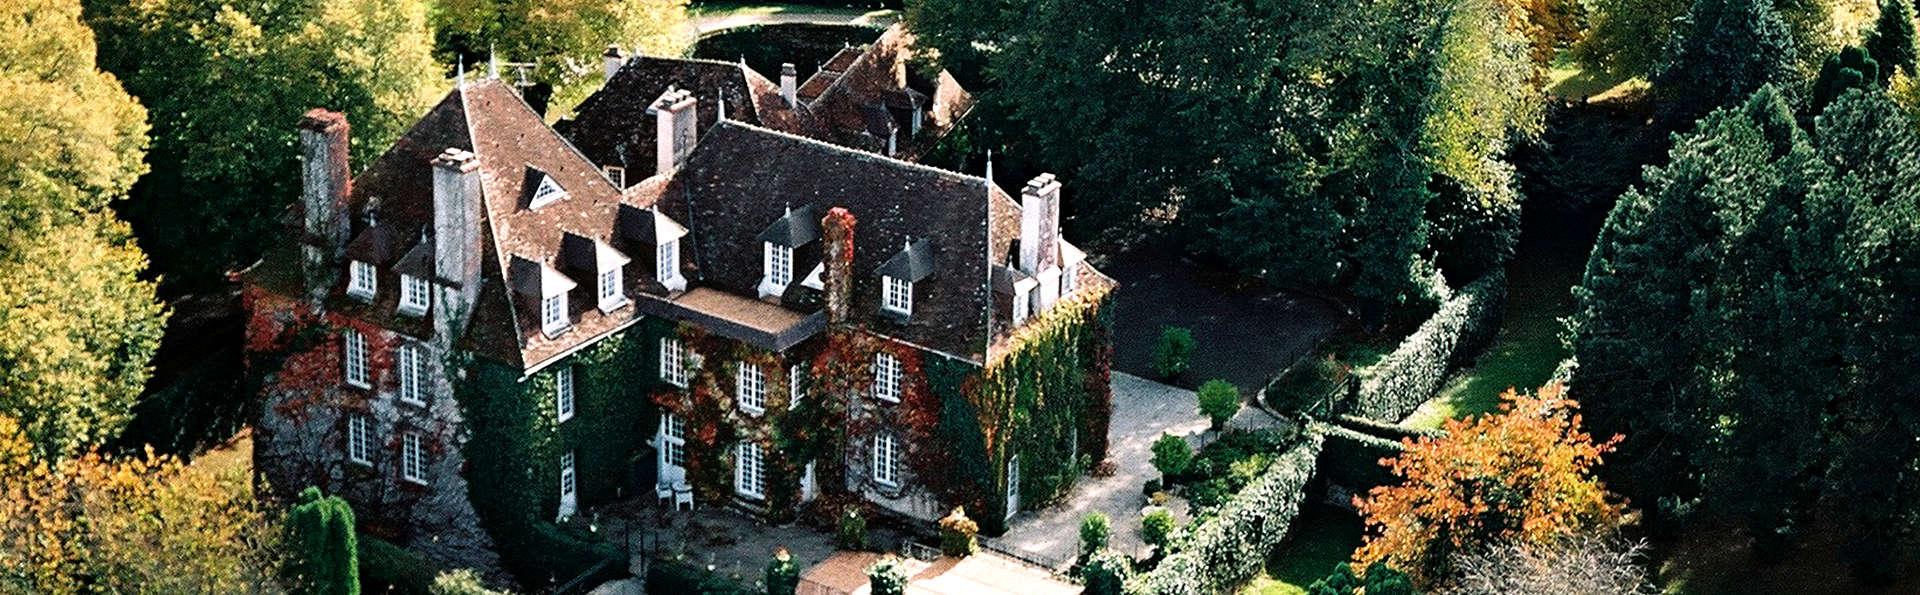 Château Les Dryades - Edit_Front2.jpg